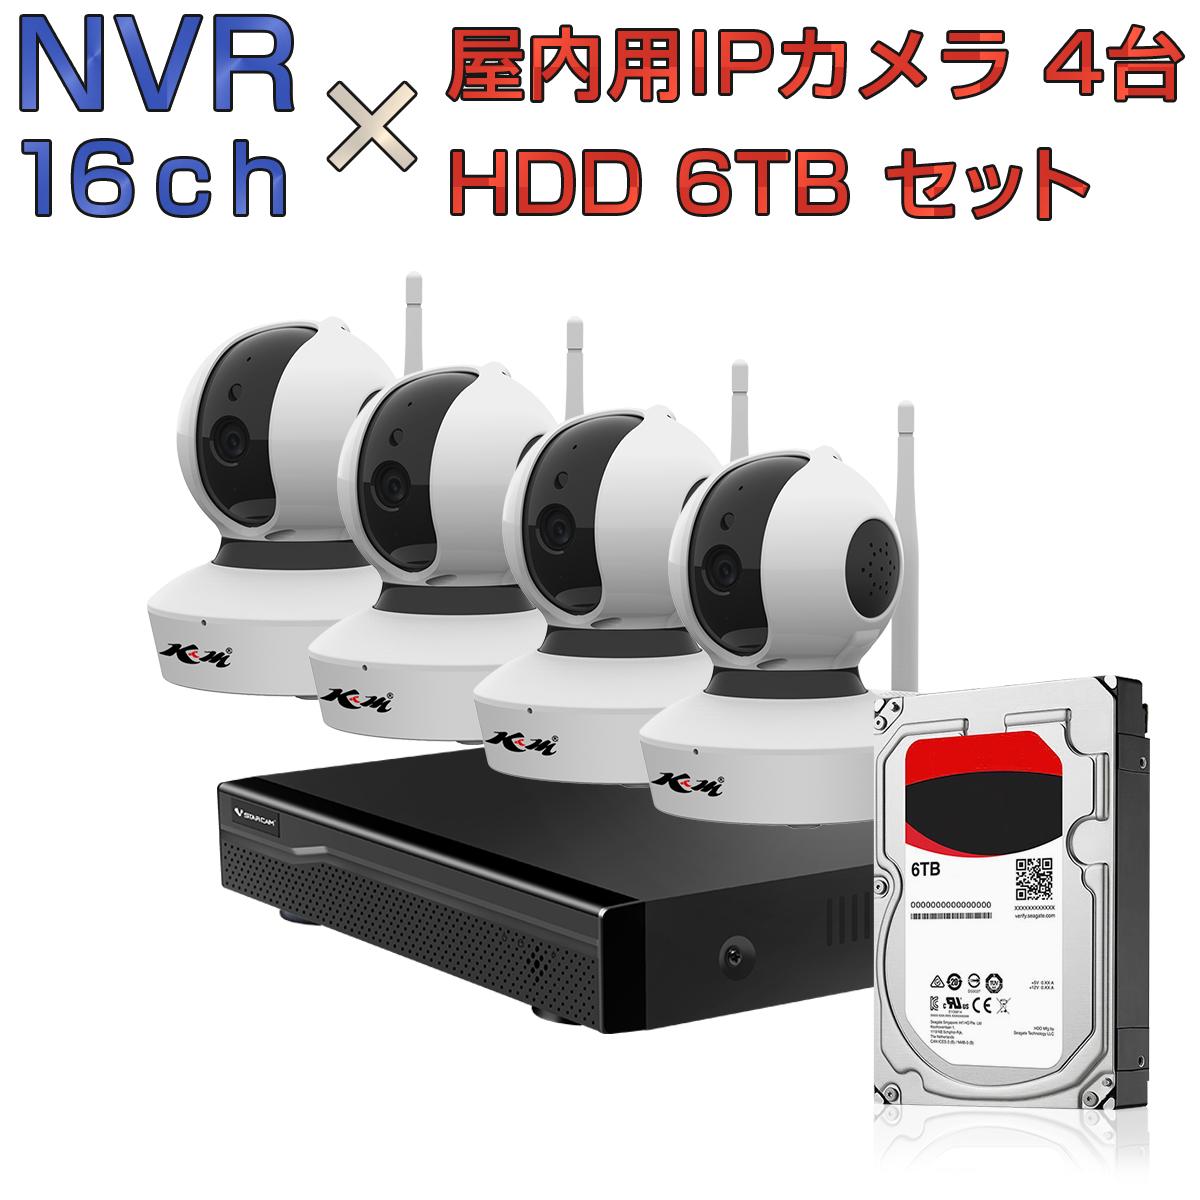 NVR ネットワークビデオレコーダー 16ch HDD6TB内蔵 C23S 2K 1080P 200万画素カメラ 4台セット IP ONVIF形式 スマホ対応 遠隔監視 1080P FHD 動体検知 同時出力 録音対応 H.265+ IPカメラレコーダー監視システム 宅配便送料無料 1年保証